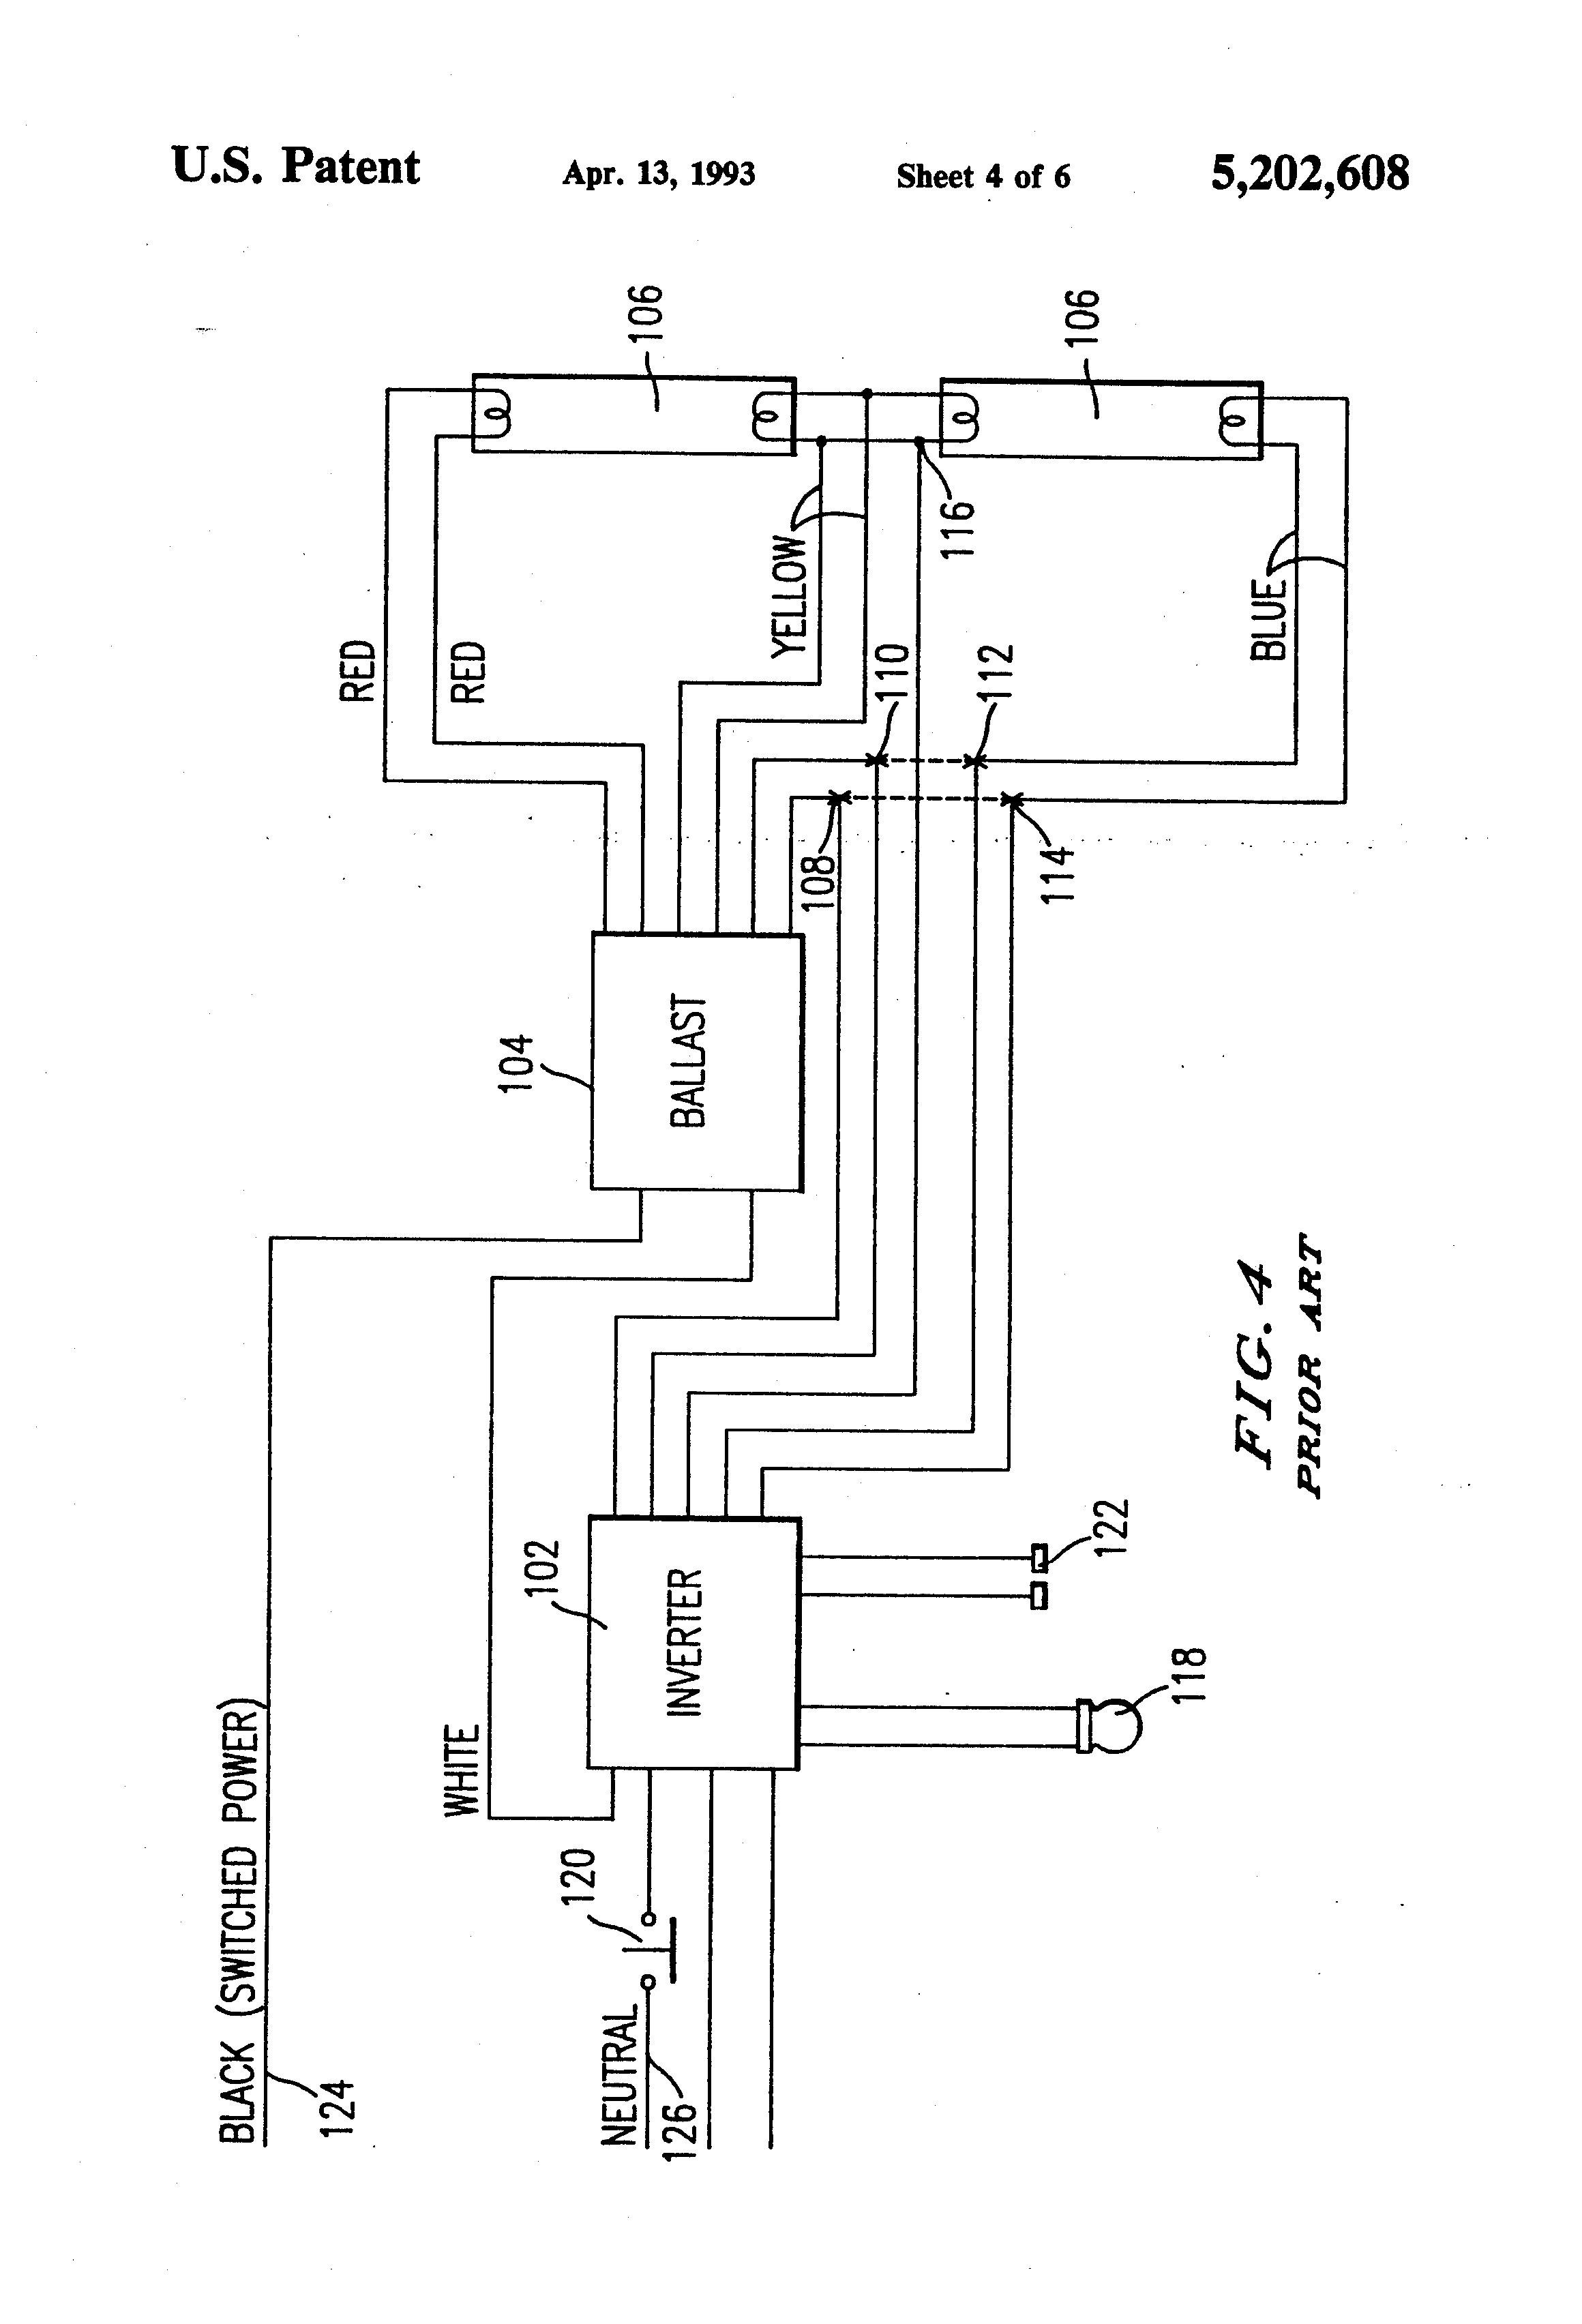 Diagram Automatic Choke Wiring Diagram Full Version Hd Quality Wiring Diagram Diagramsbyron Ferrutat It